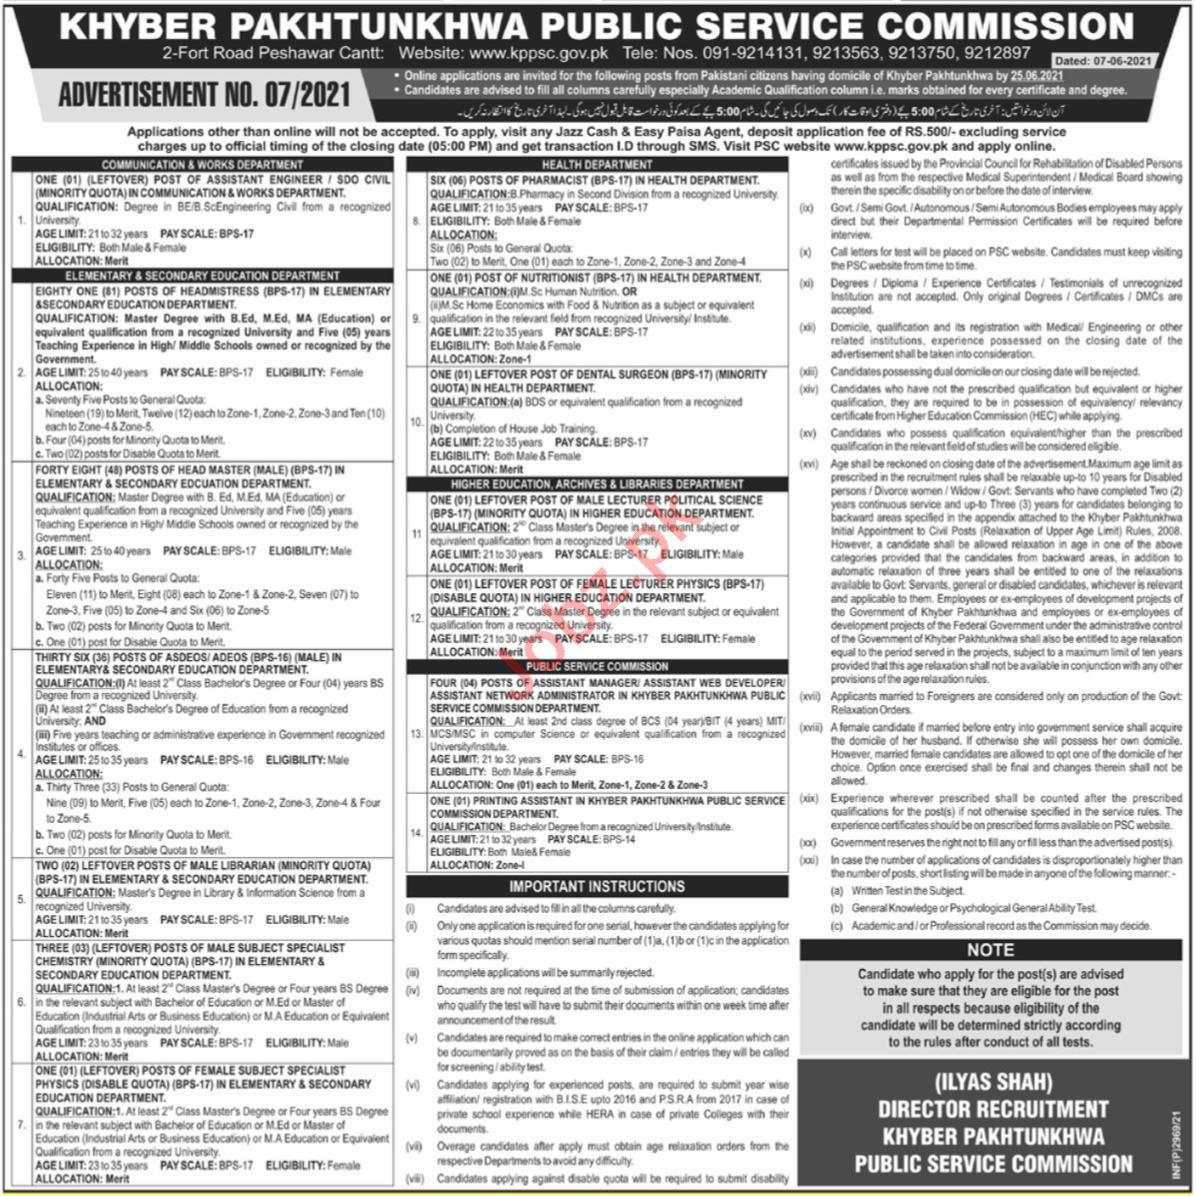 KPPSC Jobs June 2021 for Head Master & Engineer